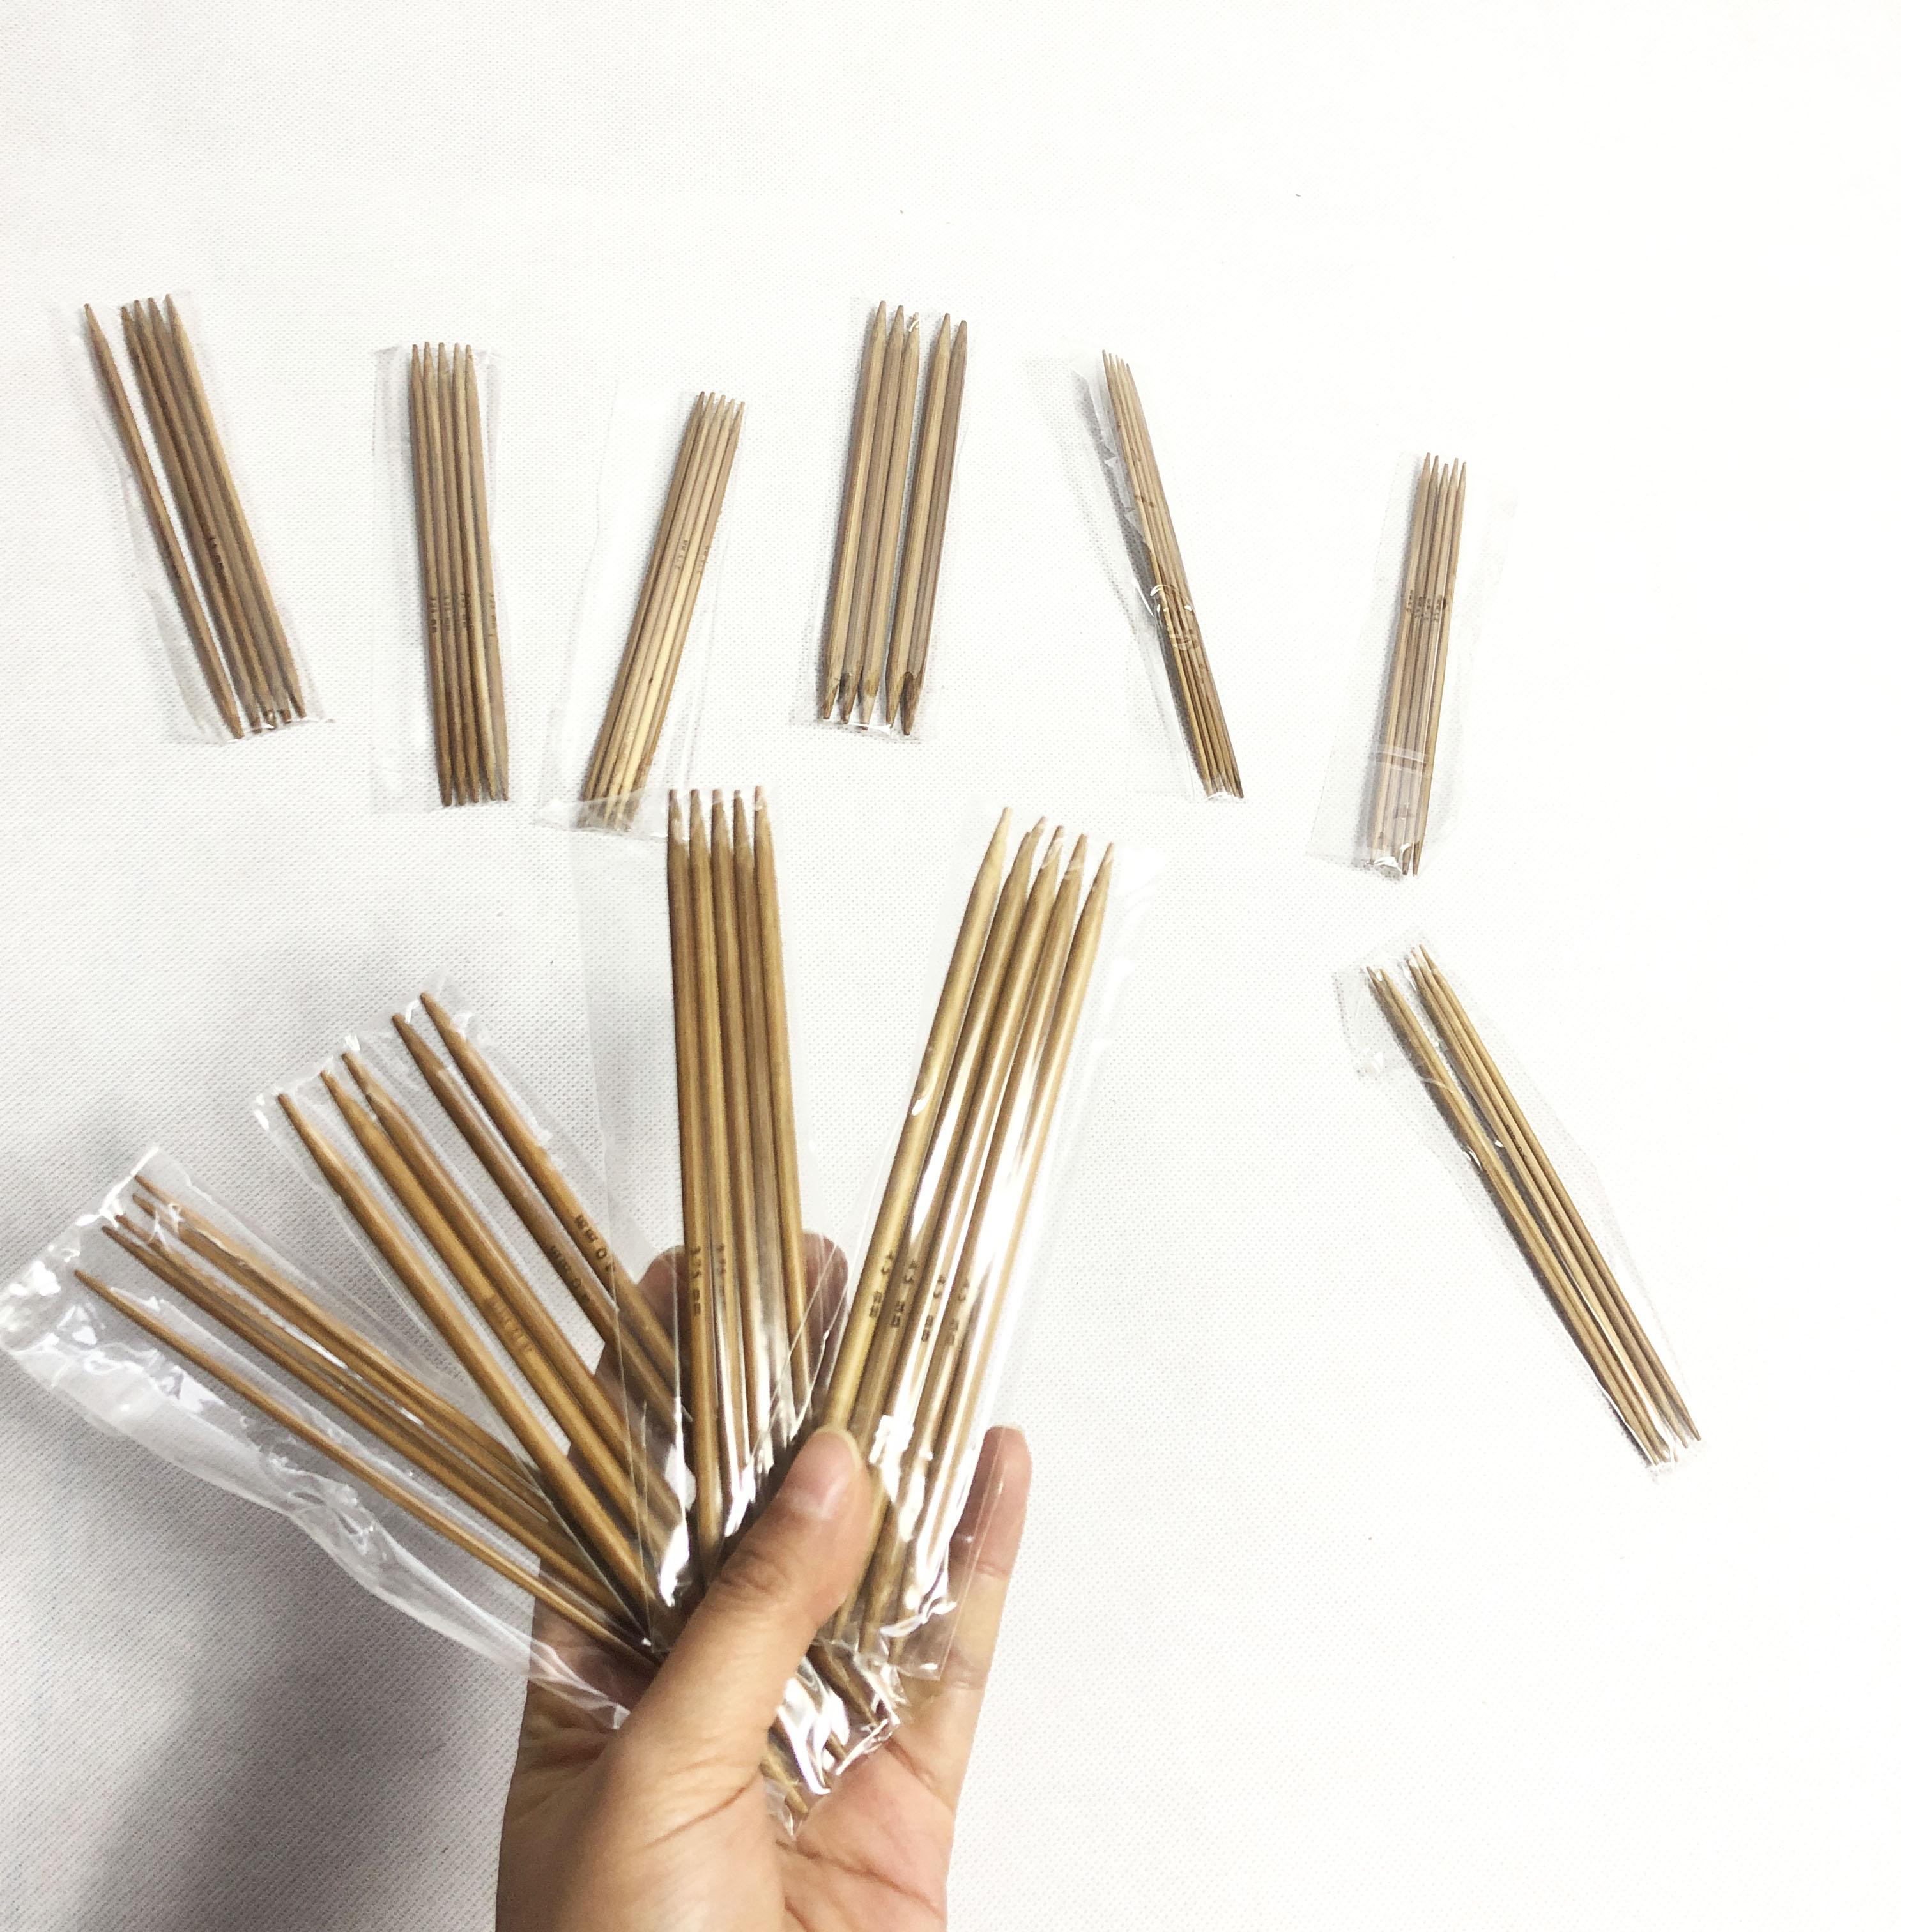 15-35 cmの長い中国標準セーター炭化竹針毛糸のまっすぐな針のセットはマフラーの帽子のツールの針を編みます。